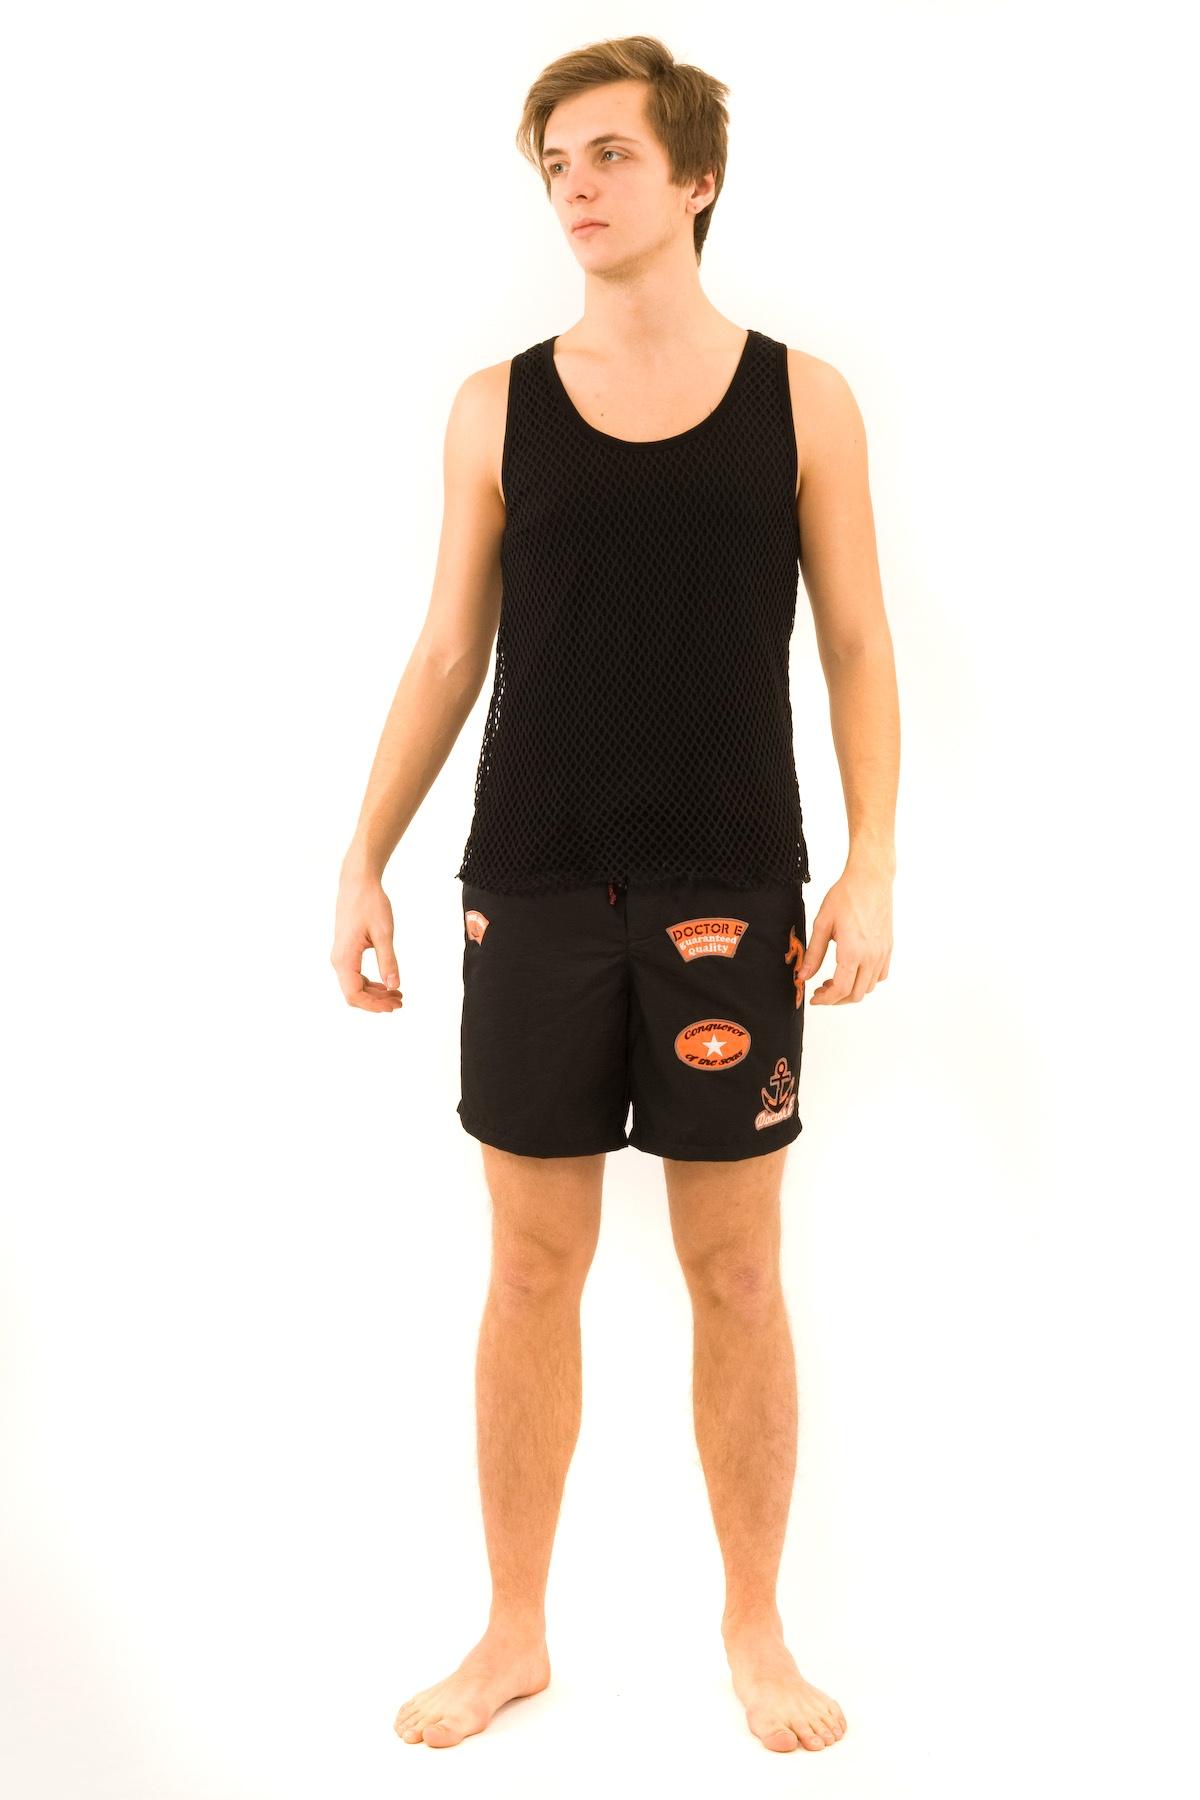 МайкаМужские футболки, джемпера<br>Стильная, двухслойная майка Doctor E с округлым вырезом горловины. Верх изделия выполнен из сетки, под ним — приятная и комфортная трикотажная ткань. Прекрасная базовая вещь для модного летнего гардероба.<br><br>Цвет: черный<br>Состав: ткань 1 - 92% вискоза, 8% лайкра, ткань 2 - 100% полиэстер<br>Размер: 44,46,48,50,52,54,56,58,60<br>Страна дизайна: Россия<br>Страна производства: Россия